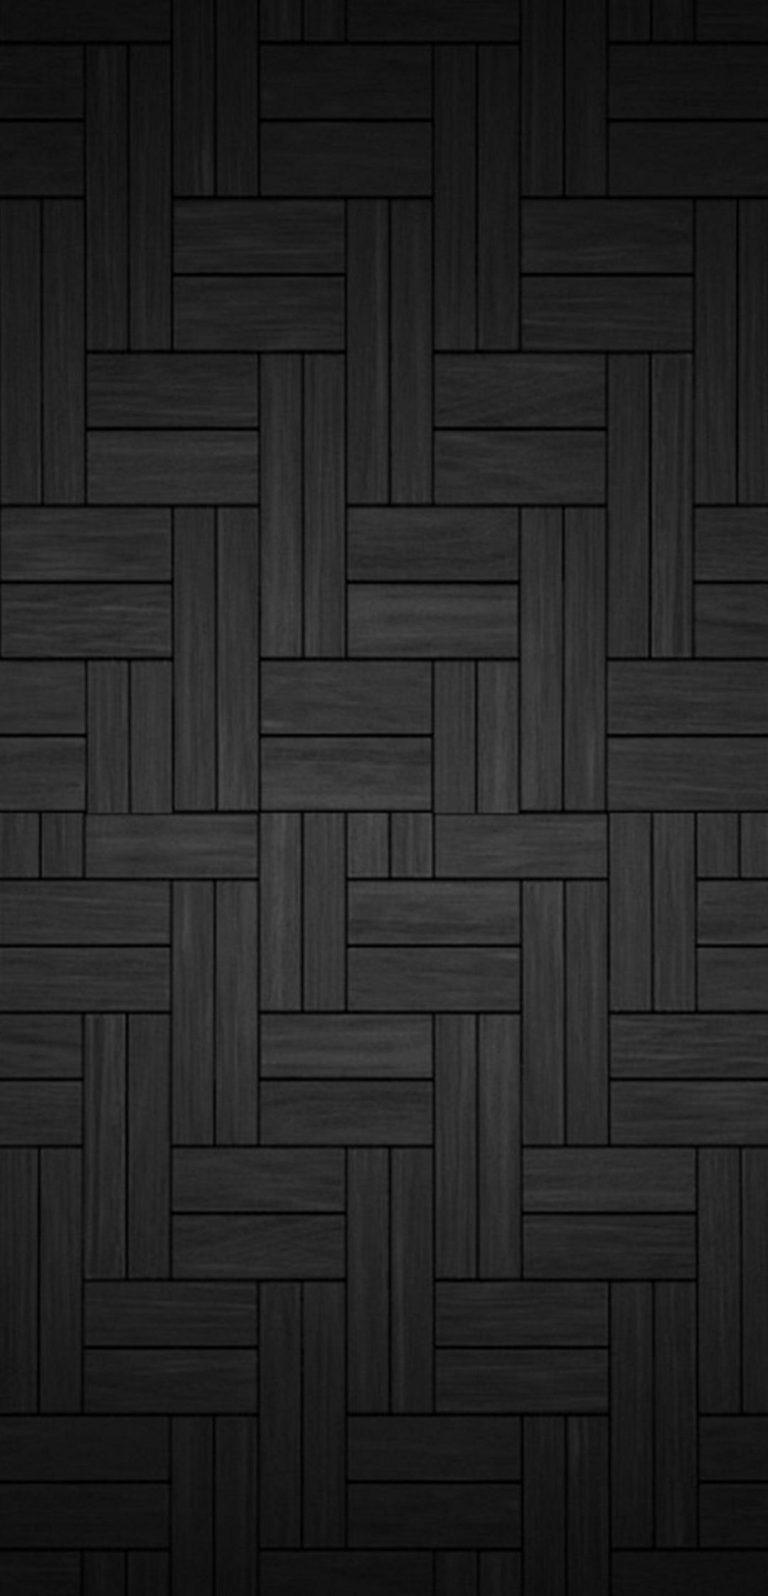 1080x2244 Wallpaper 019 768x1596